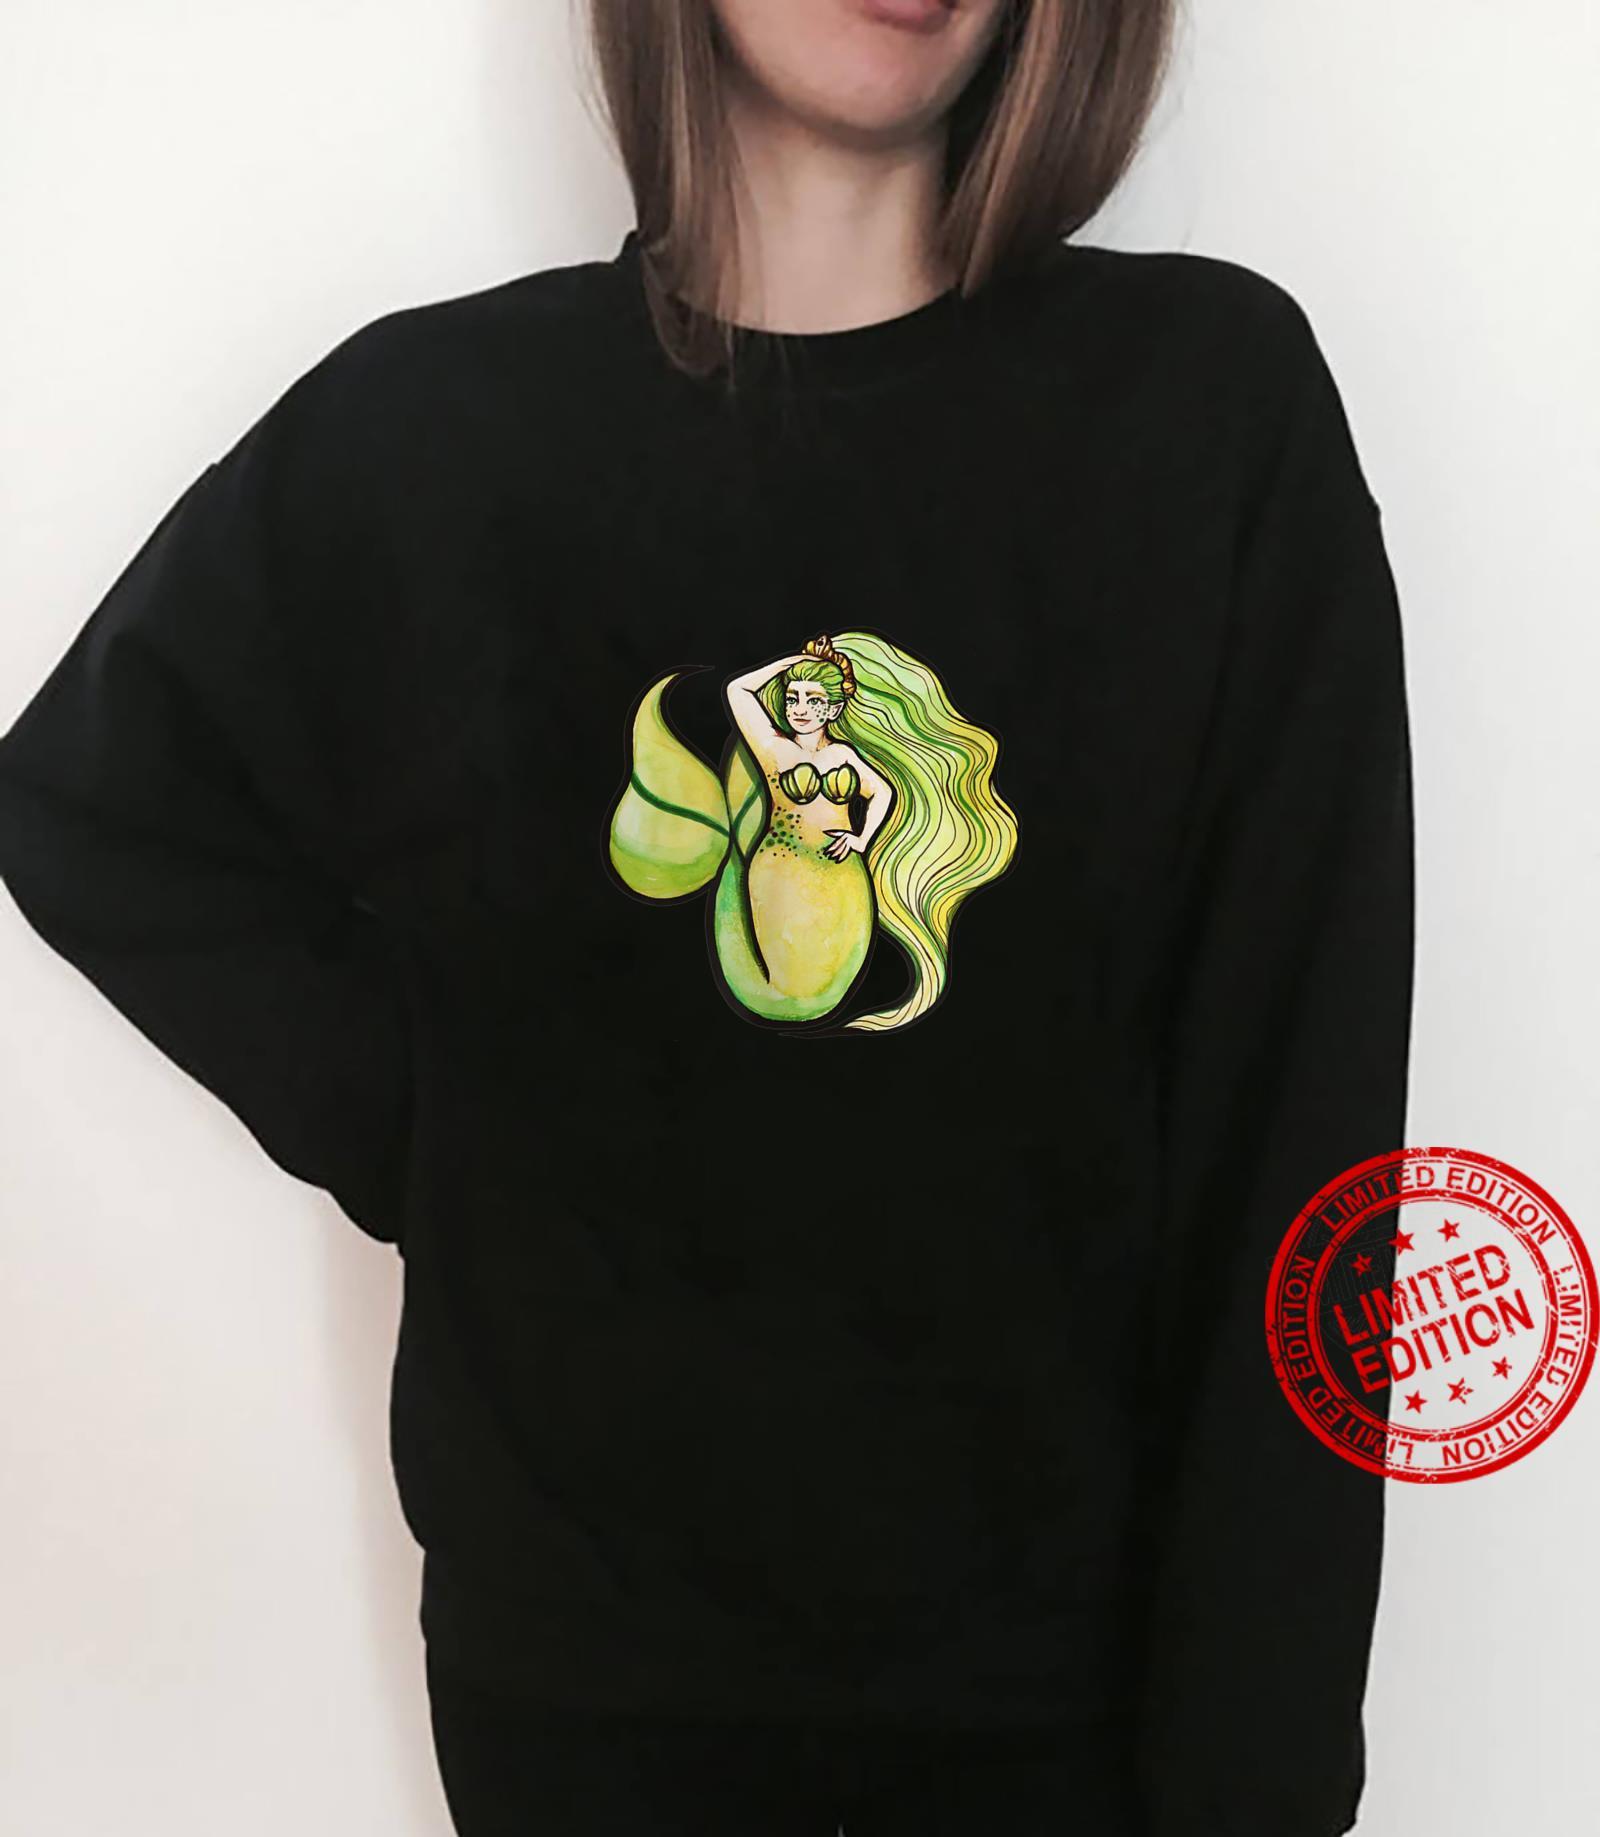 Cute Mermaid Art fun Shirt sweater